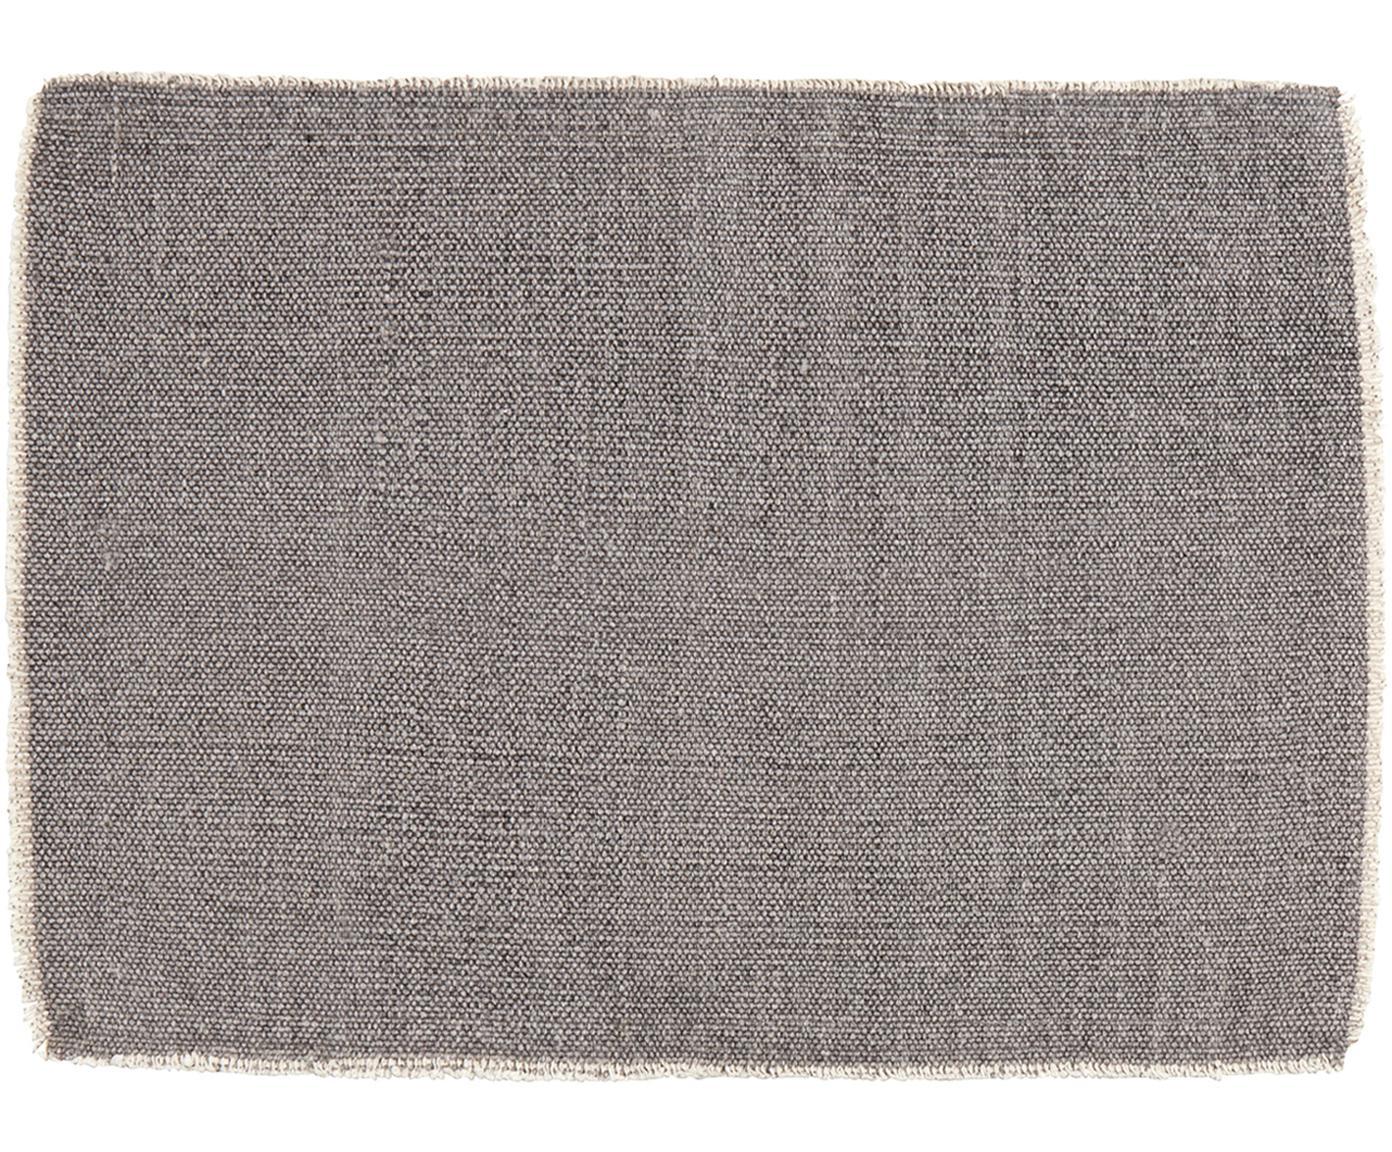 Tovaglietta americana Edge 6 pz, 85% cotone, 15% fibre miste, Grigio, Larg. 33 x Lung. 48 cm